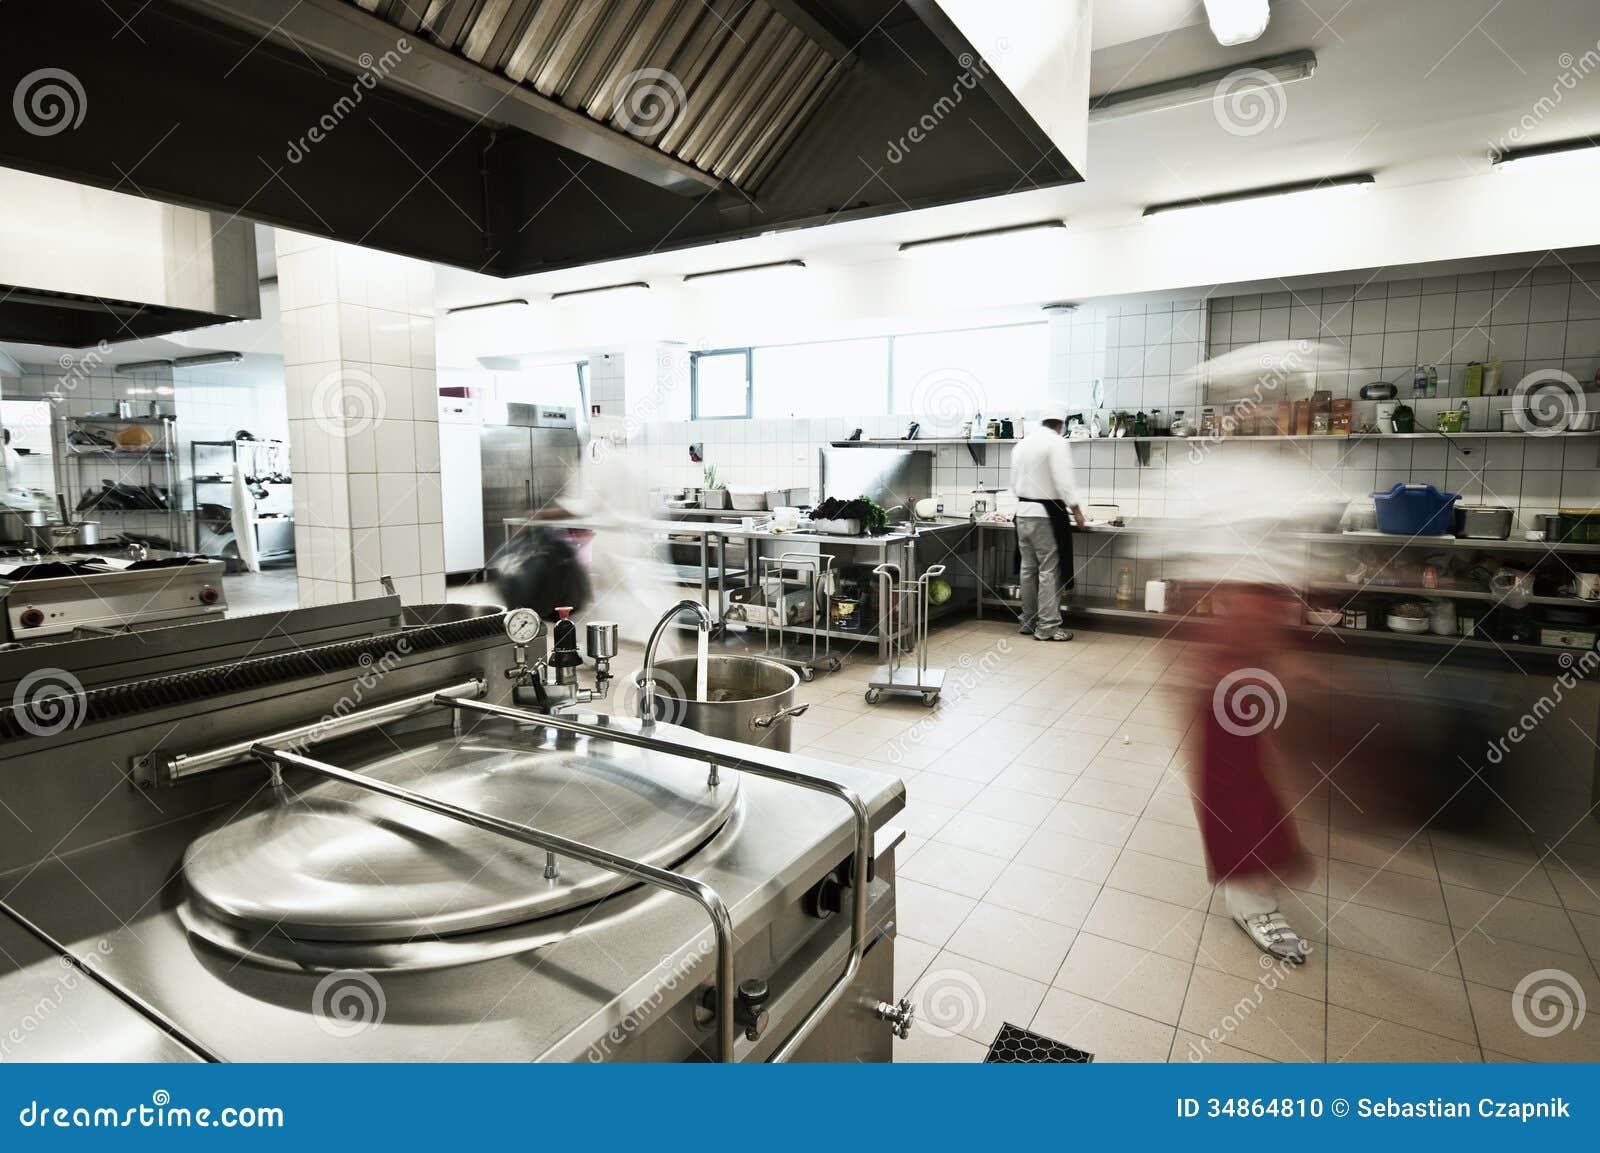 Cozinha Industrial Foto De Stock Imagem De Povos Alimento 34864810